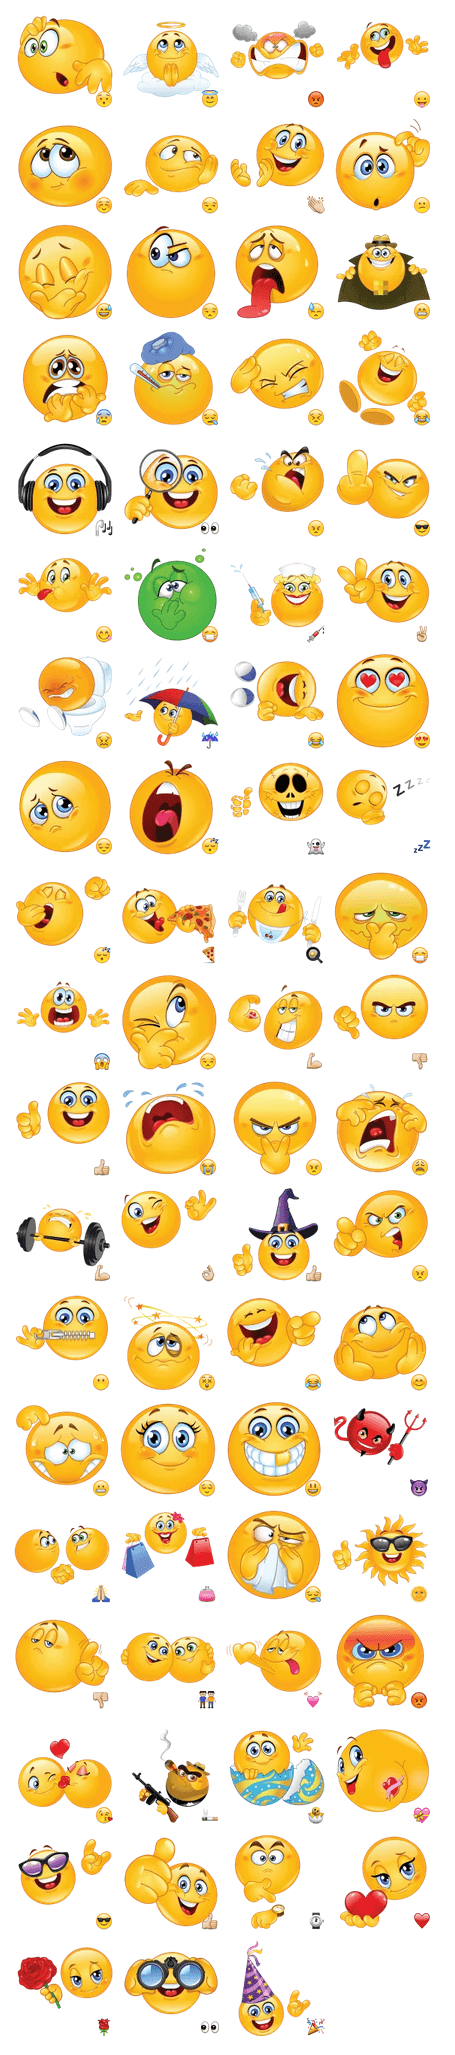 Стикеры для telegram emoticon